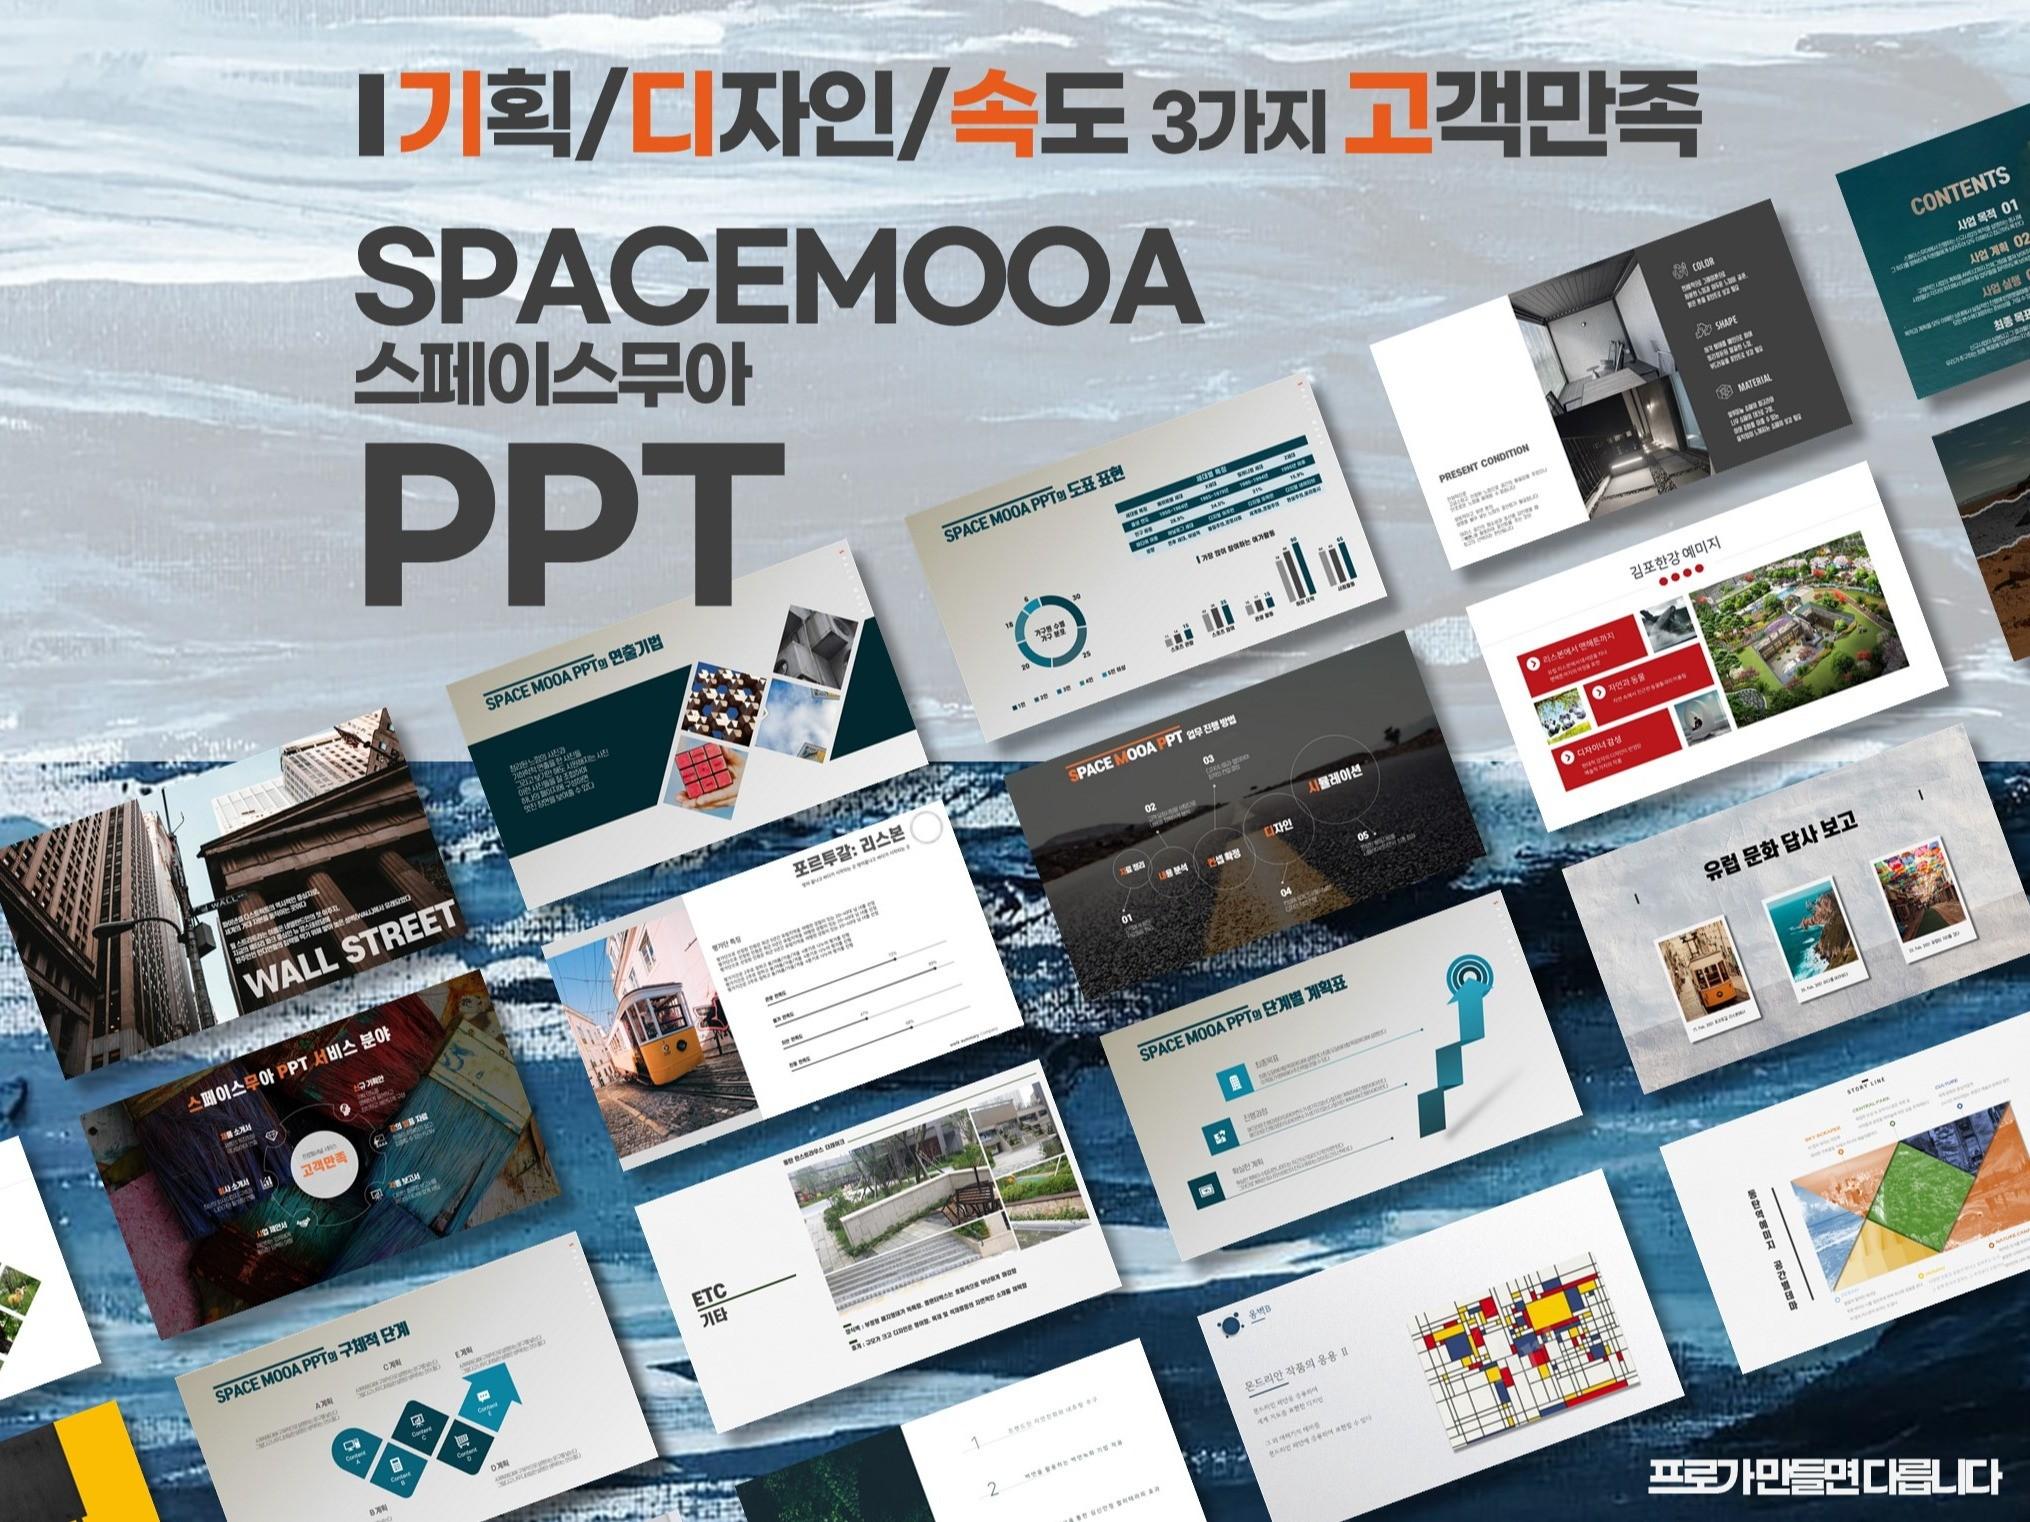 기획과 디자인을 동시에 고급 PPT 맞춤 제작해 드립니다.